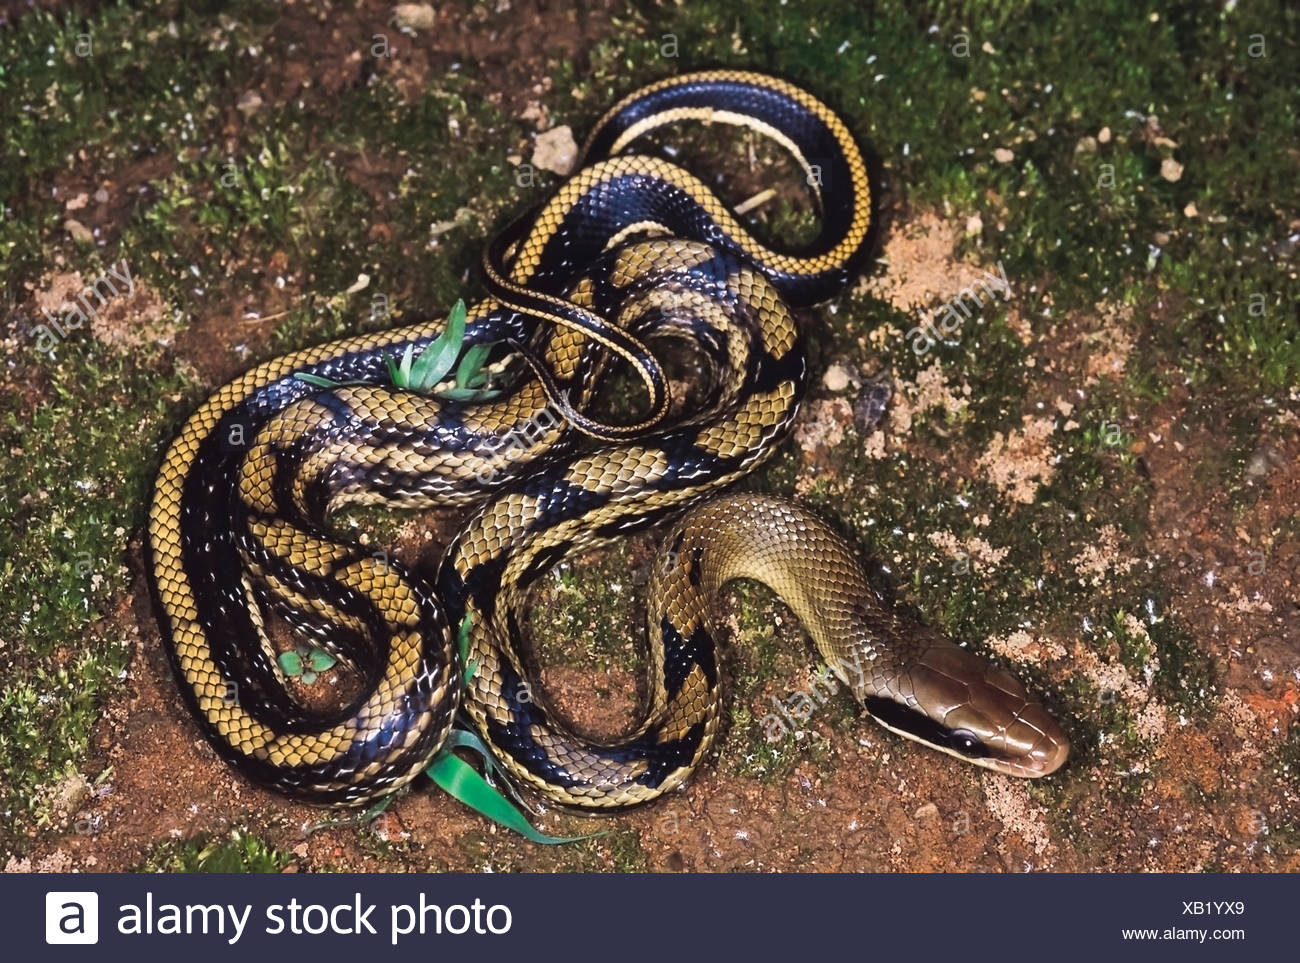 Black Racer Snake Stock Photos & Black Racer Snake Stock Images - Alamy